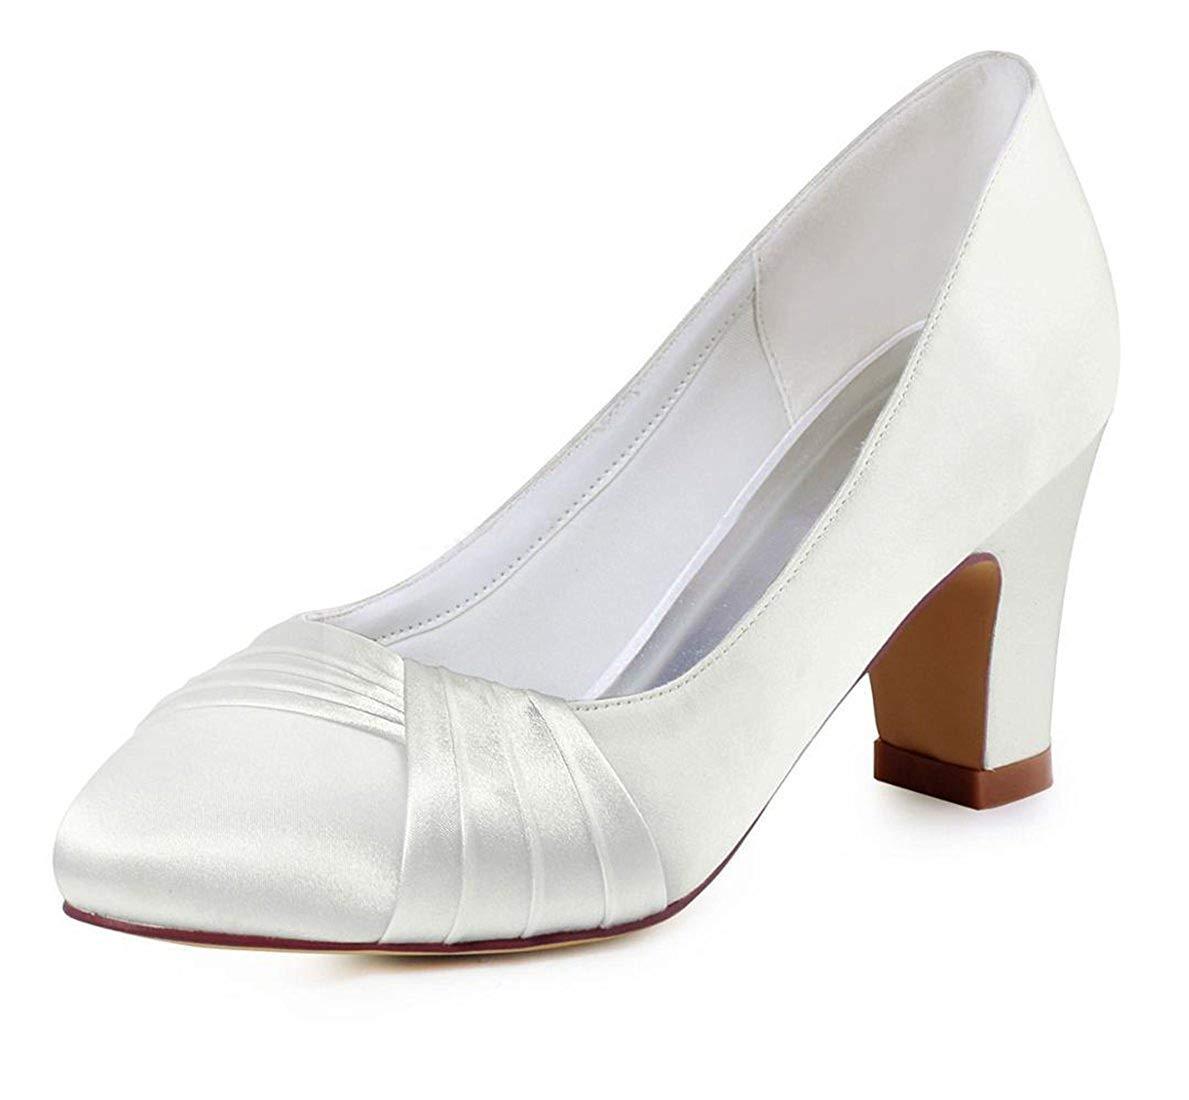 HhGold Damen Knoten Chunky Med Ferse Slip-on Weiß Satin Hochzeit Abend Pumps UK 5 (Farbe   -, Größe   -)